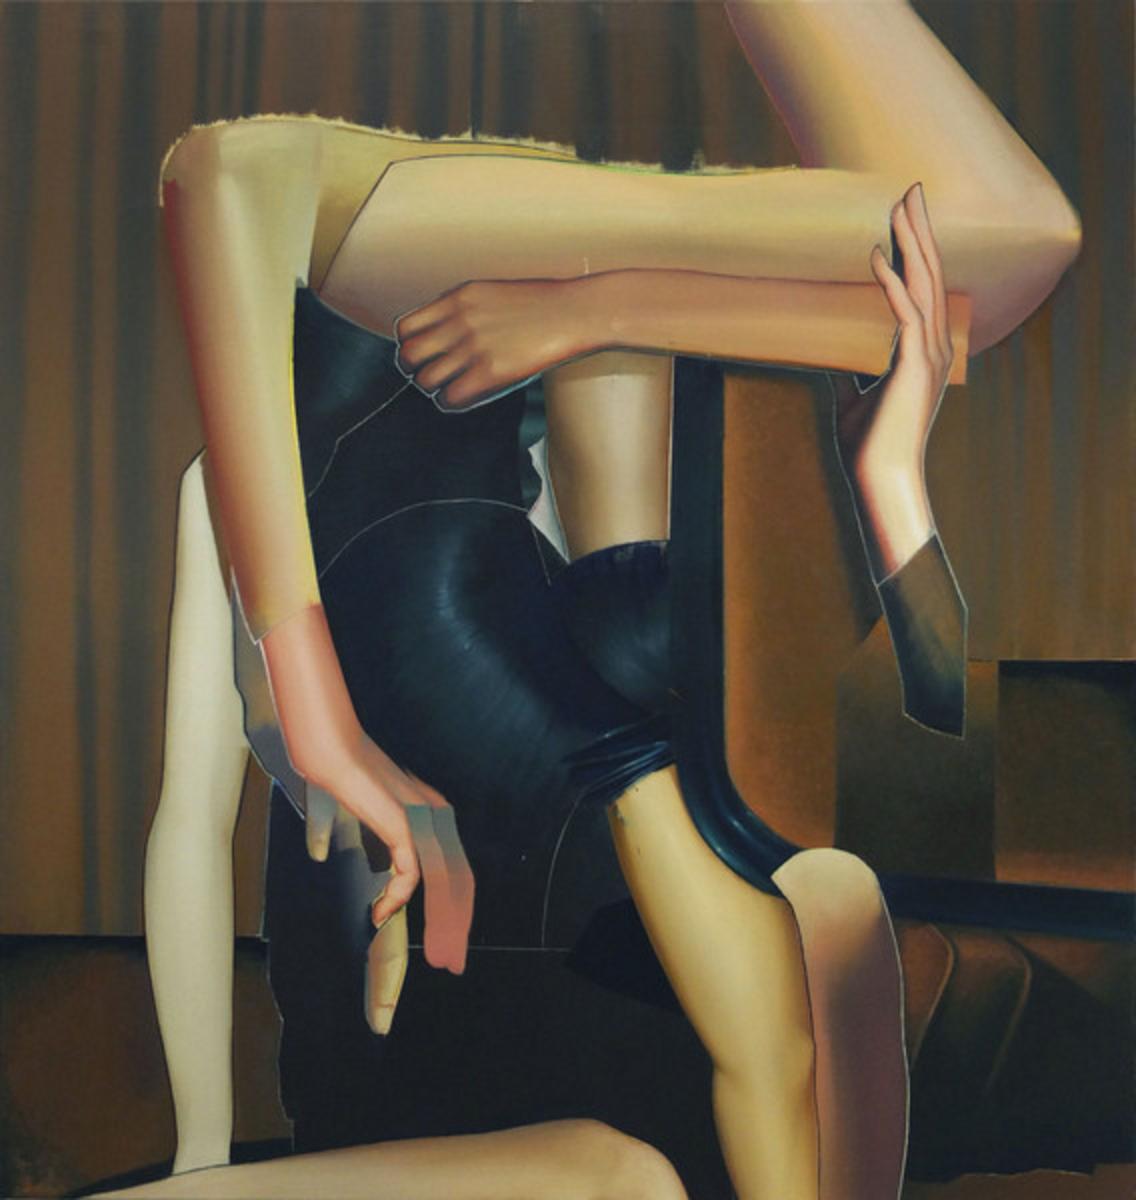 Sebastian Menzke obscured,140 x 130 cm,Öl auf Leinwand, 2016 Ankauf durch die Kulturstiftung Karlsruhe